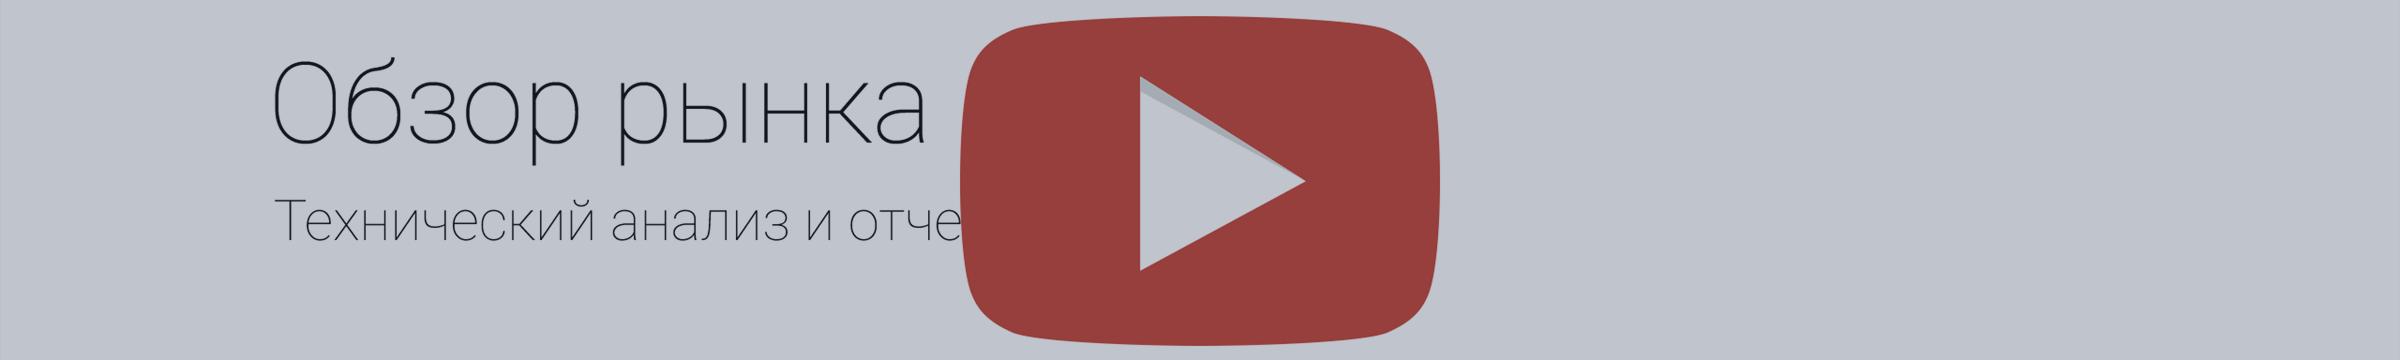 Еженедельный видеообзор финансовых рынков. Технический анализ и отчеты CFTC (20 — 26 июня)